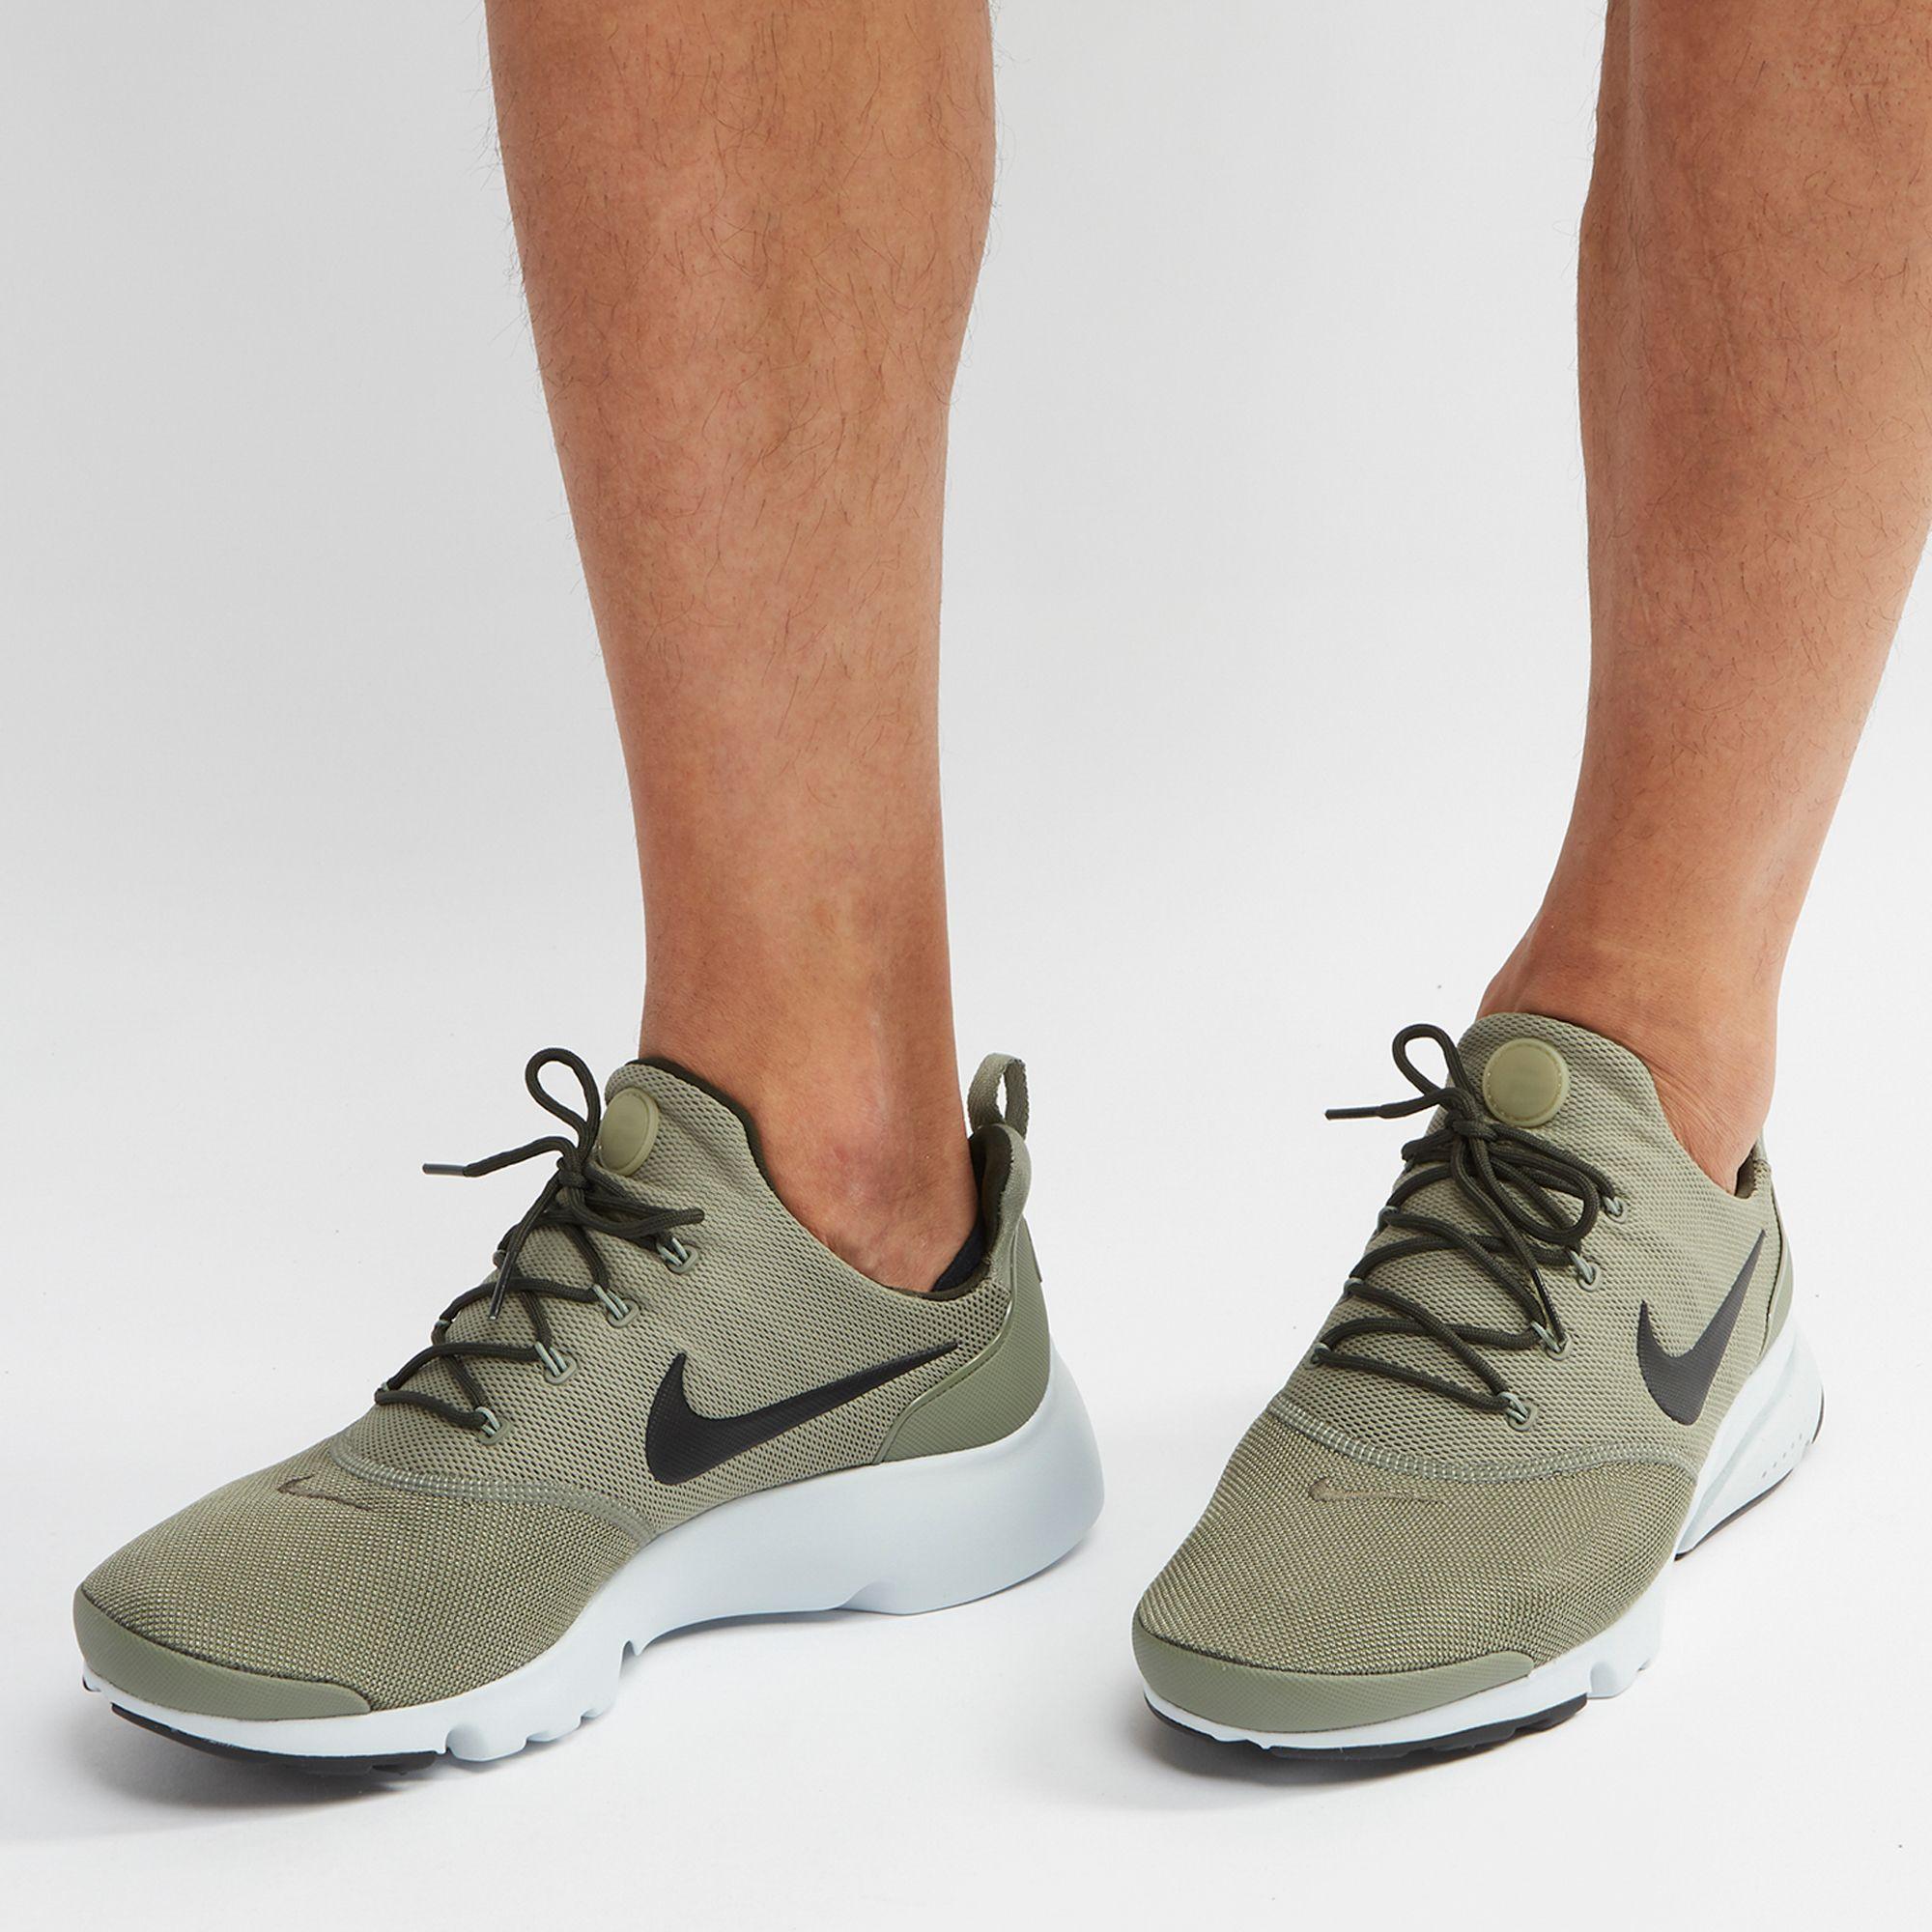 d62379820 حذاء الجري بريستو فلاي من نايك | احذية سنيكرز | احذية | موضة رياضية ...